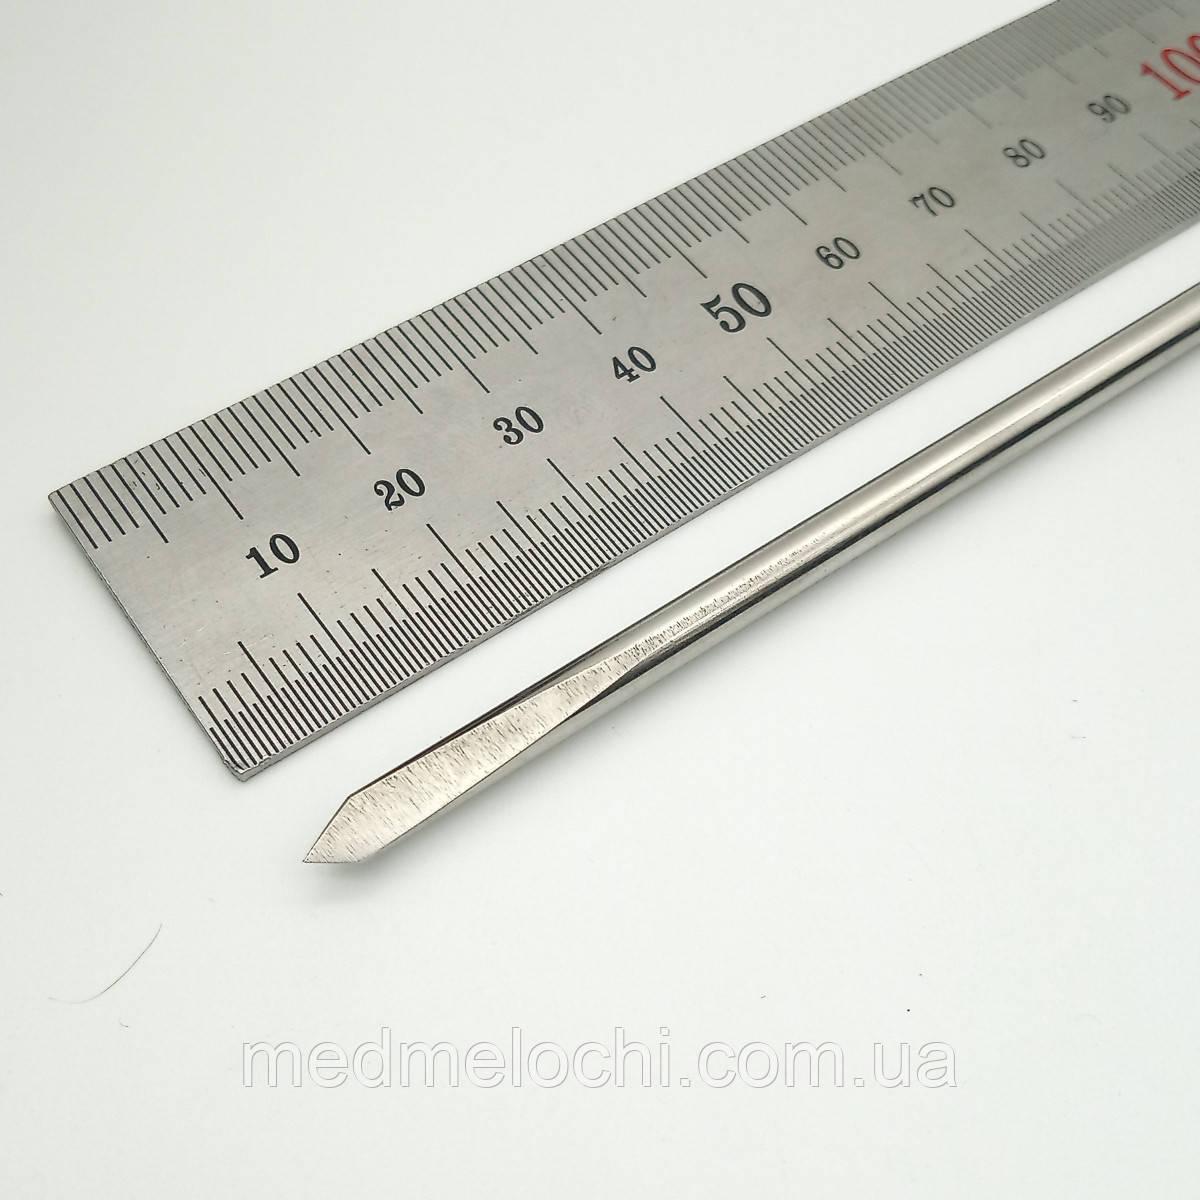 Шпиця 4.0 мм L=300мм (перо)